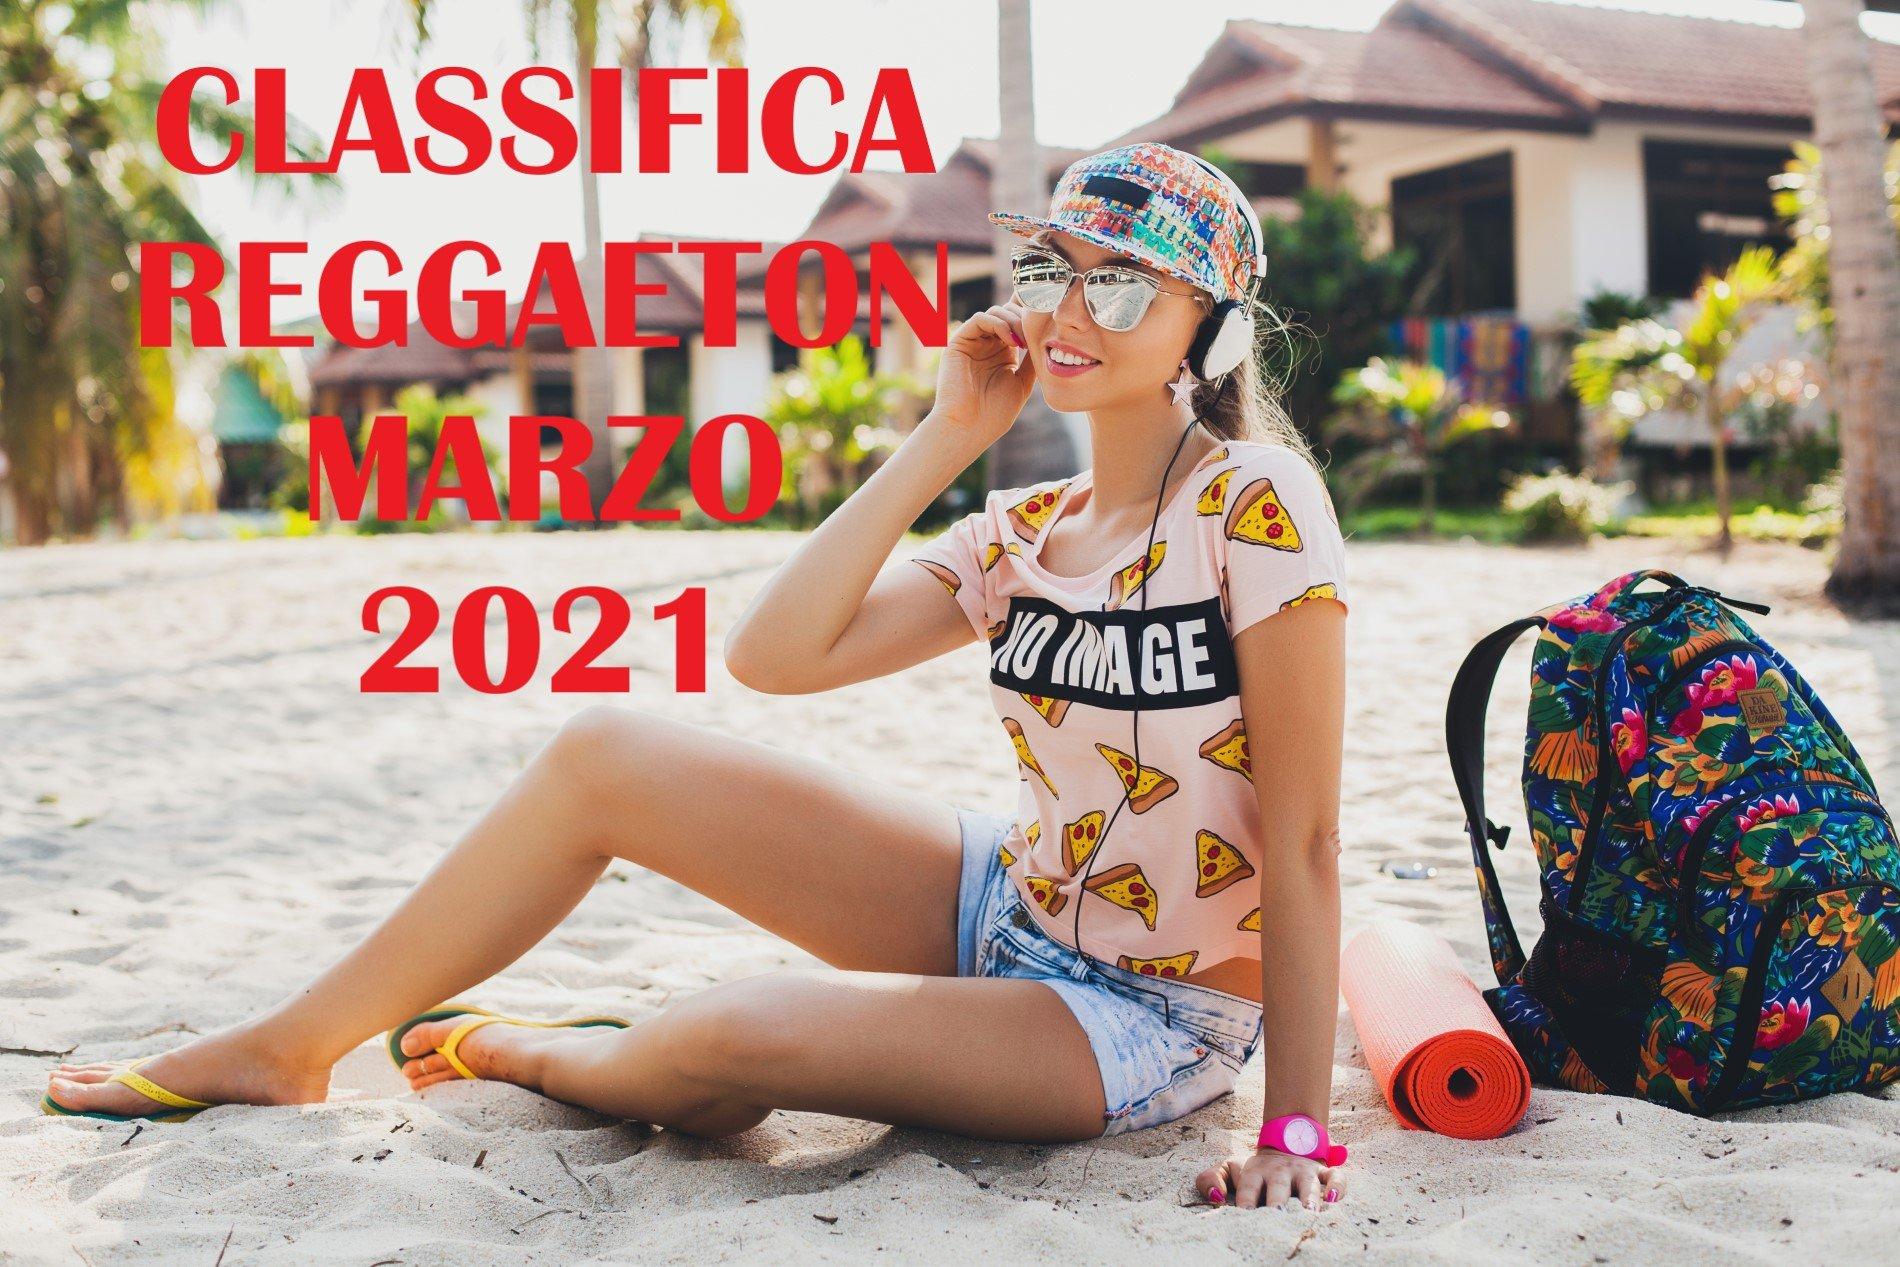 CLASSIFICA REGGAETON MARZO 2021 - LA MIGLIORE MUSICA REGGAETON MARZO 2021